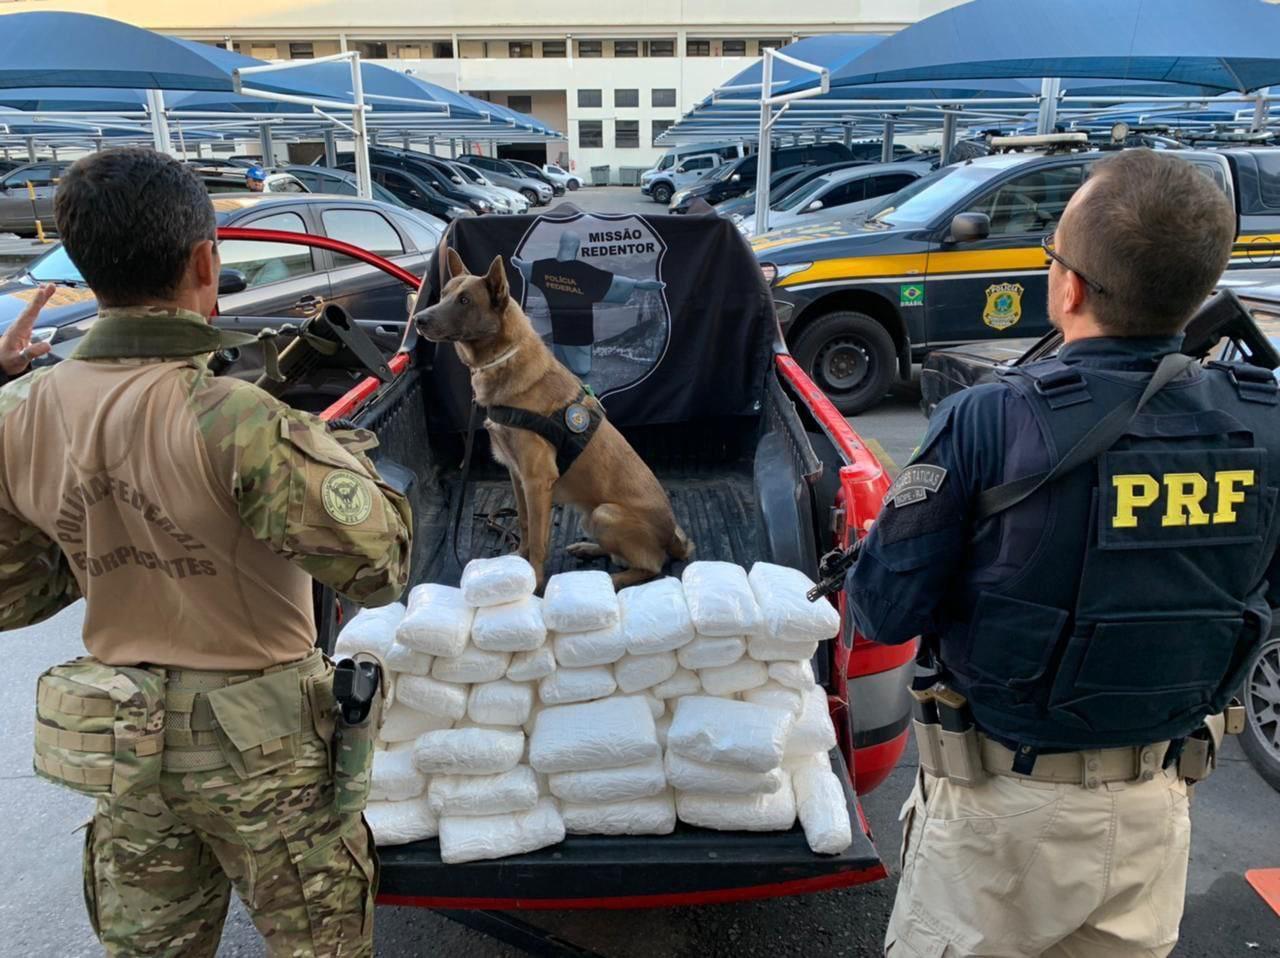 Imagem de drogas apreendidas pela polícia